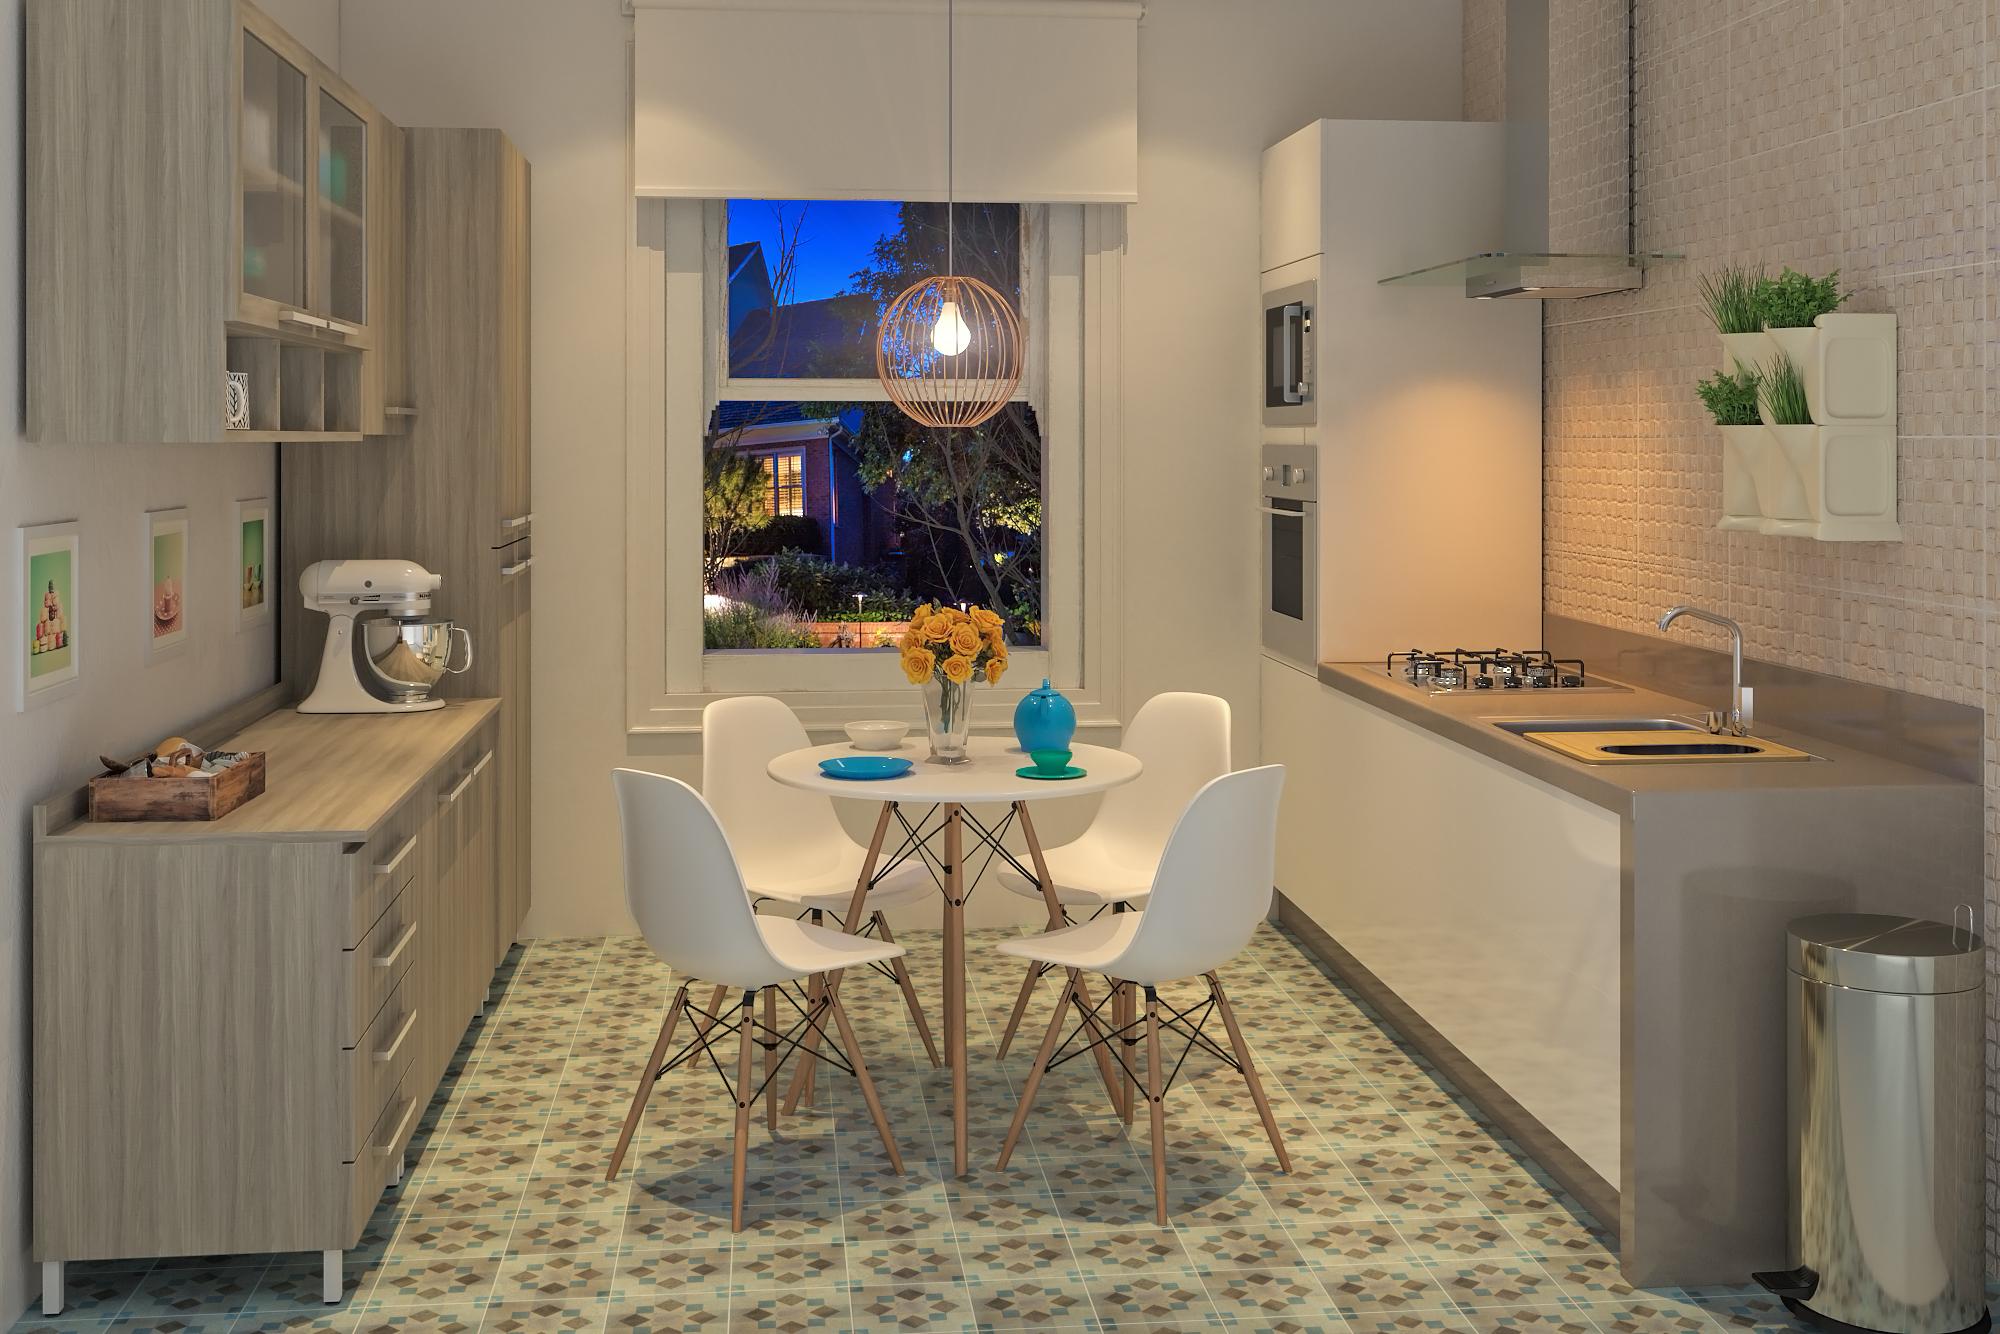 Piso decorado da sala cozinha ideia em madeira e porcelanato - Fotos de pisos decorados ...